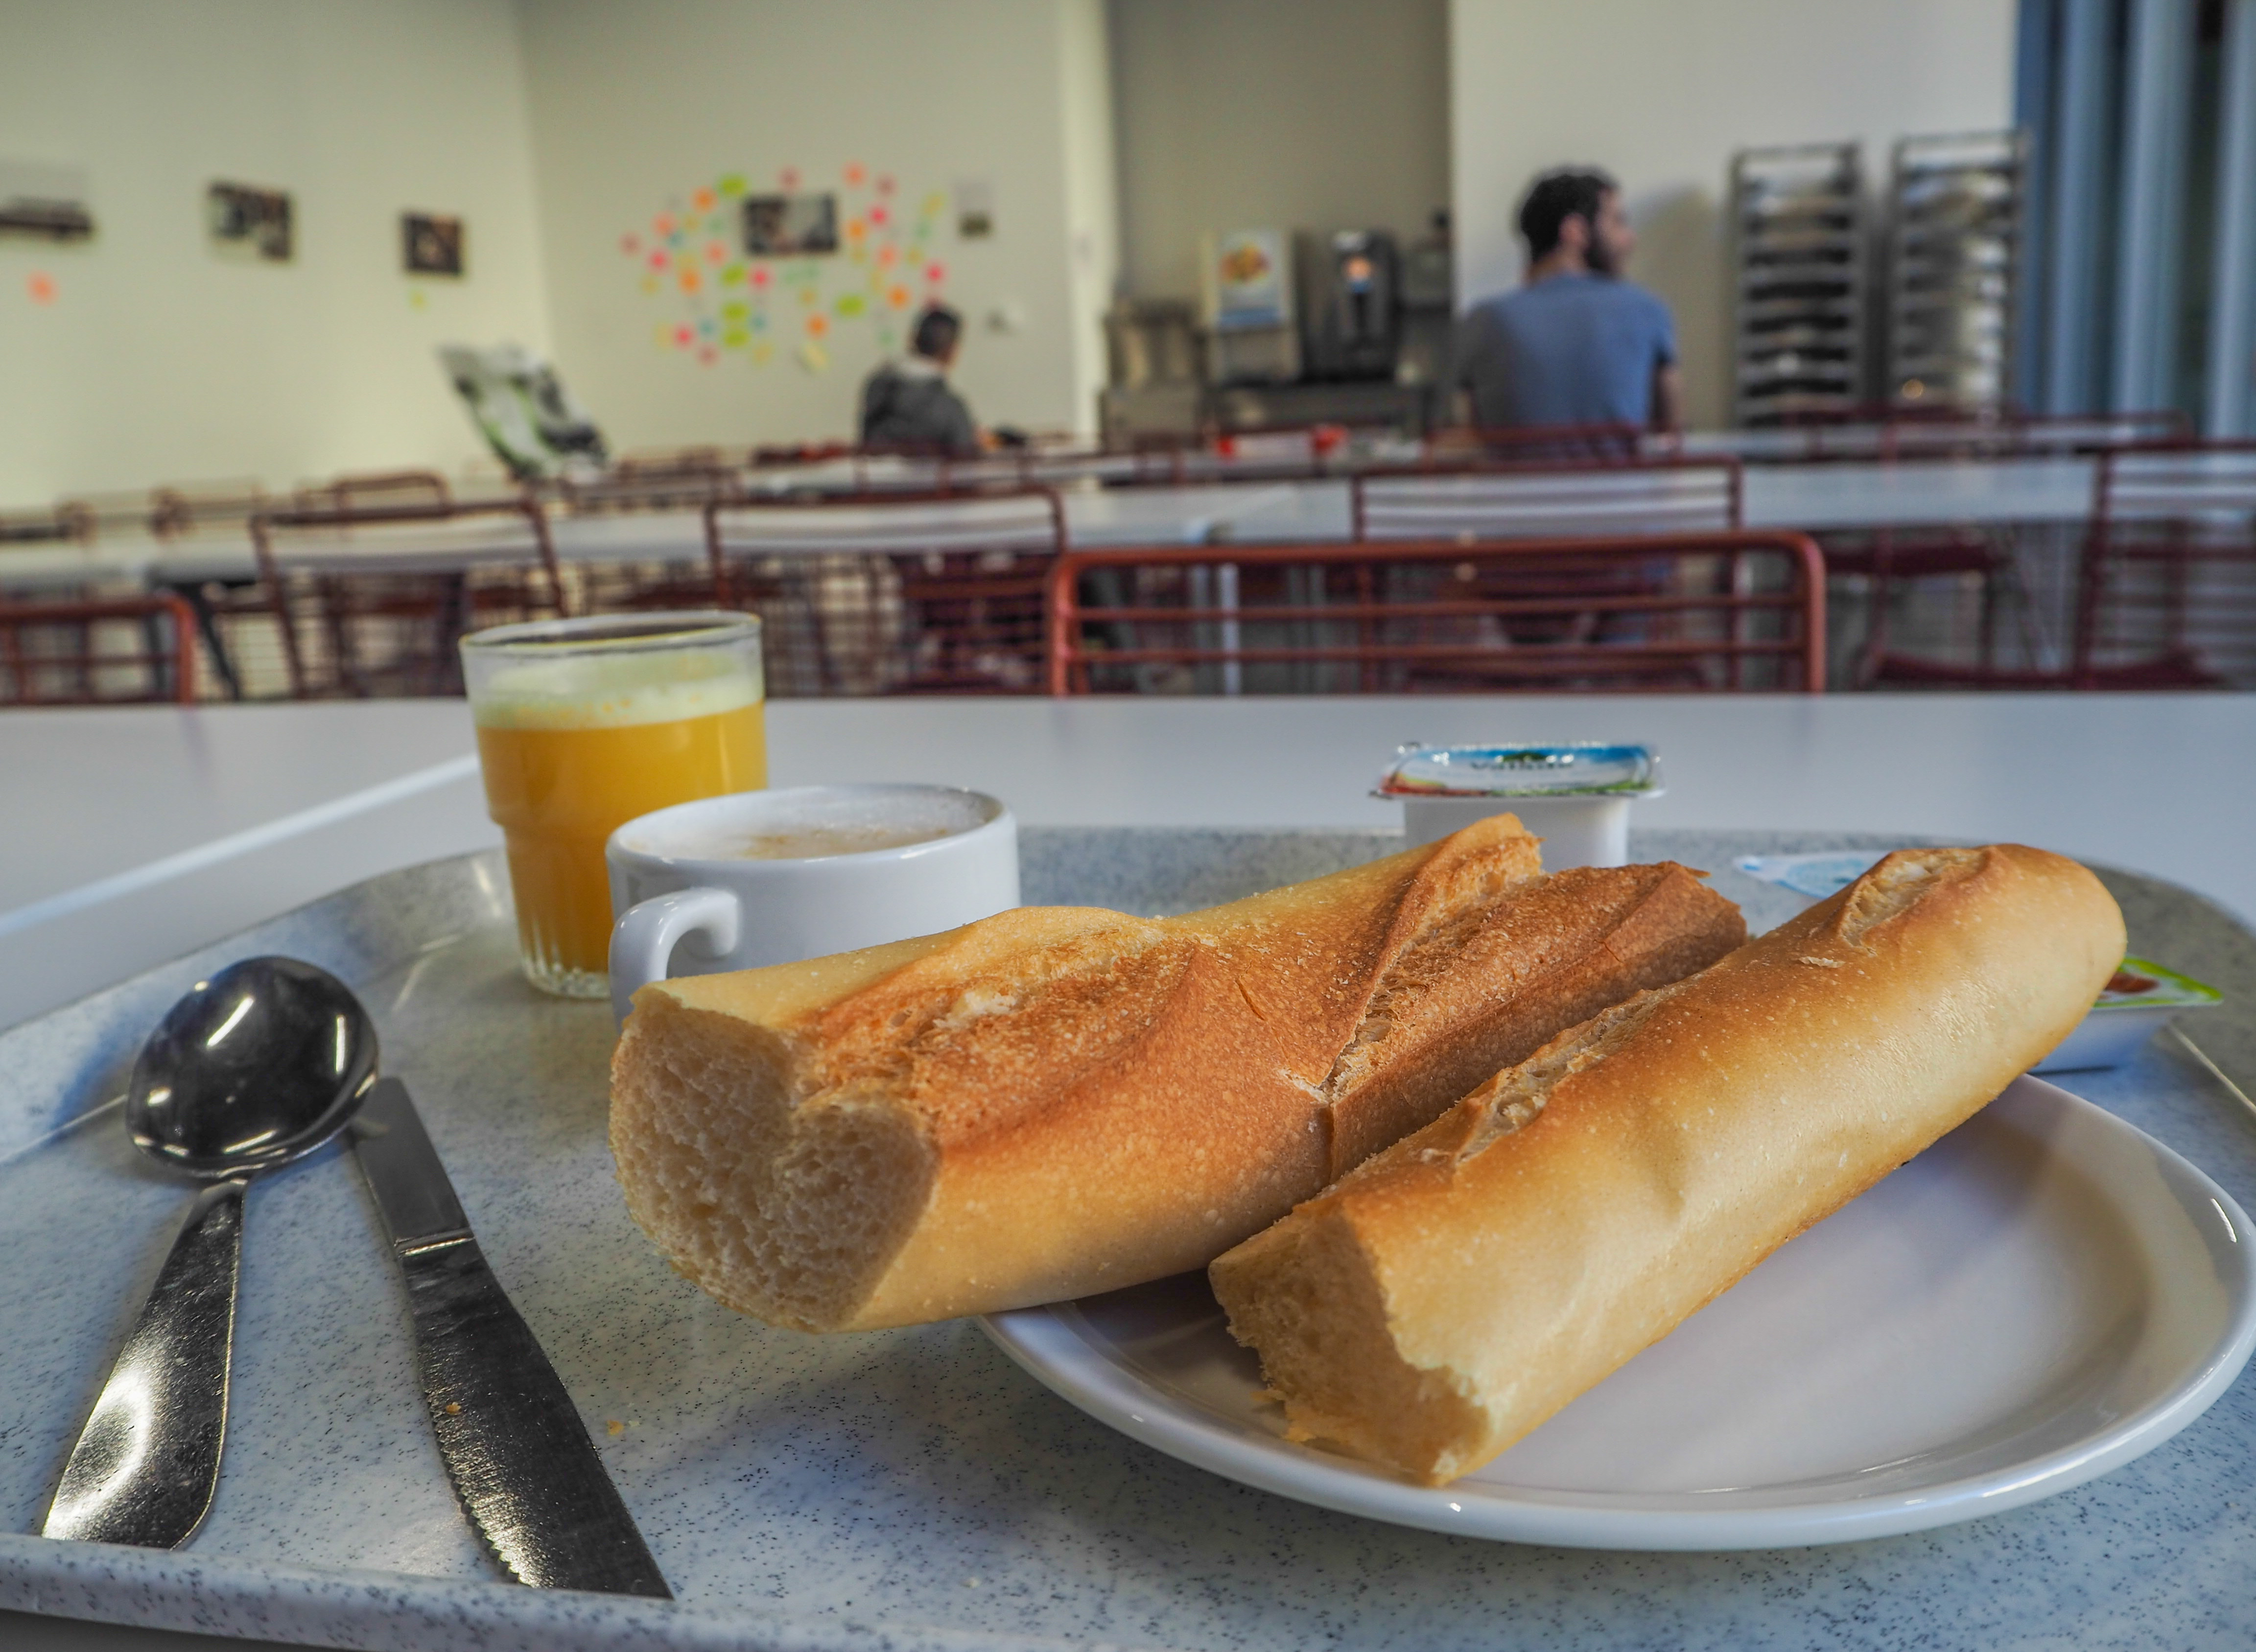 Petit-déjeuner à l'auberge de jeunesse HI Lille